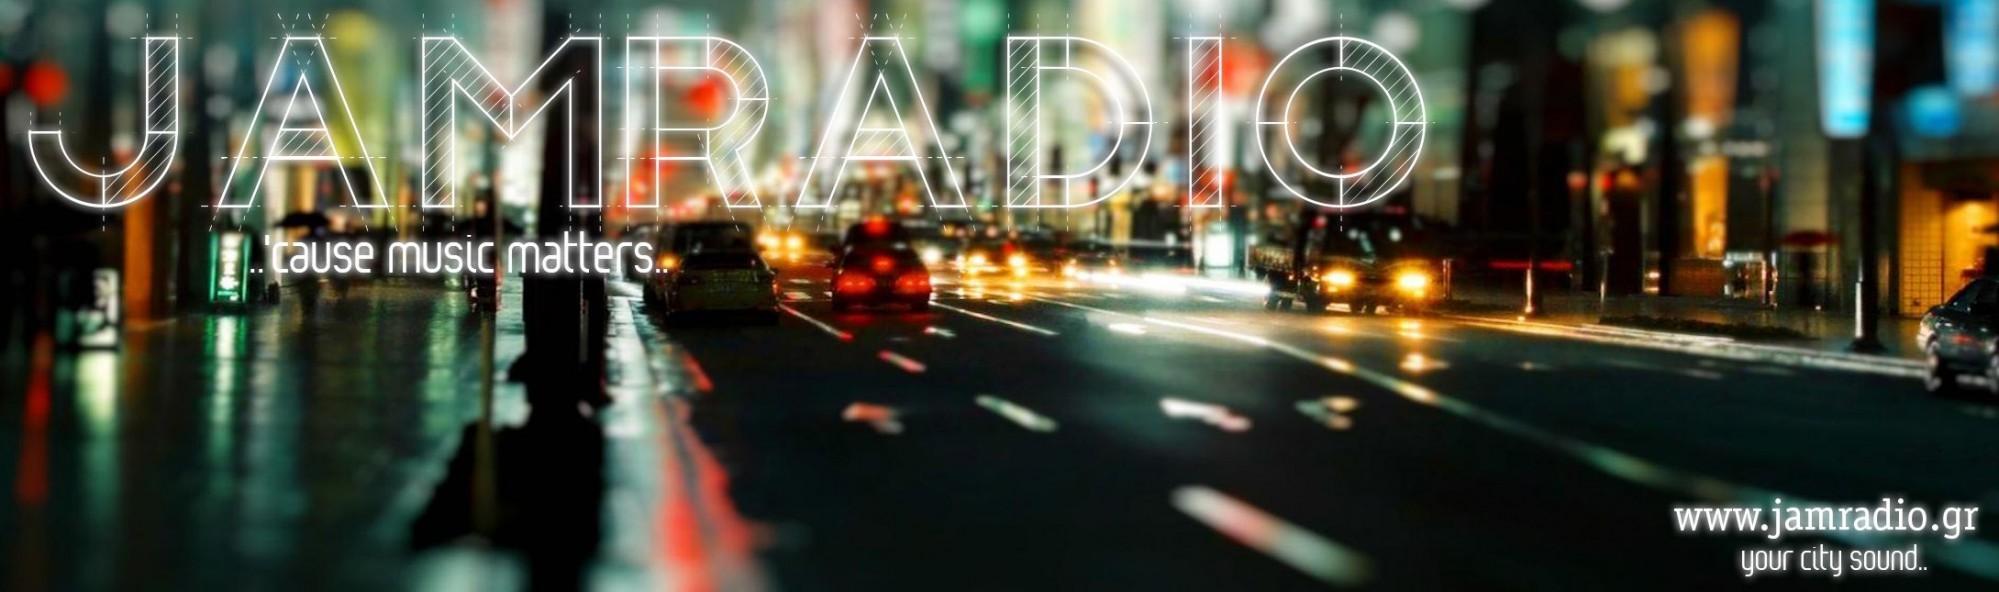 JamRadio.gr